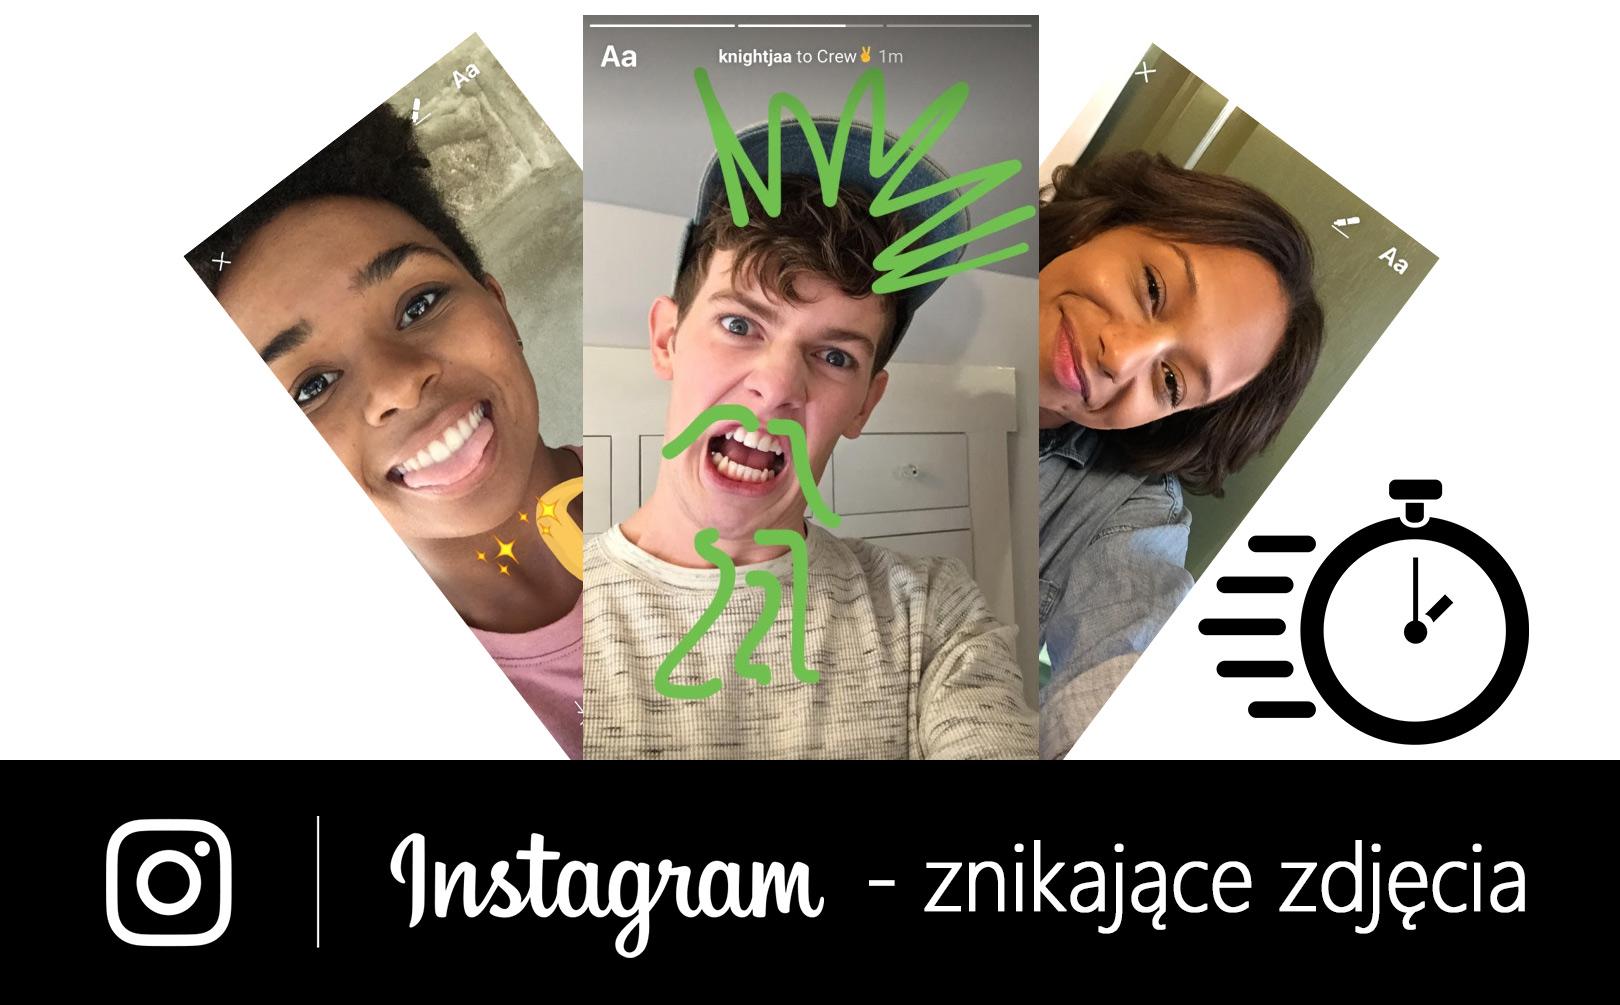 Instagram - wysyłanie znikających zdjęć